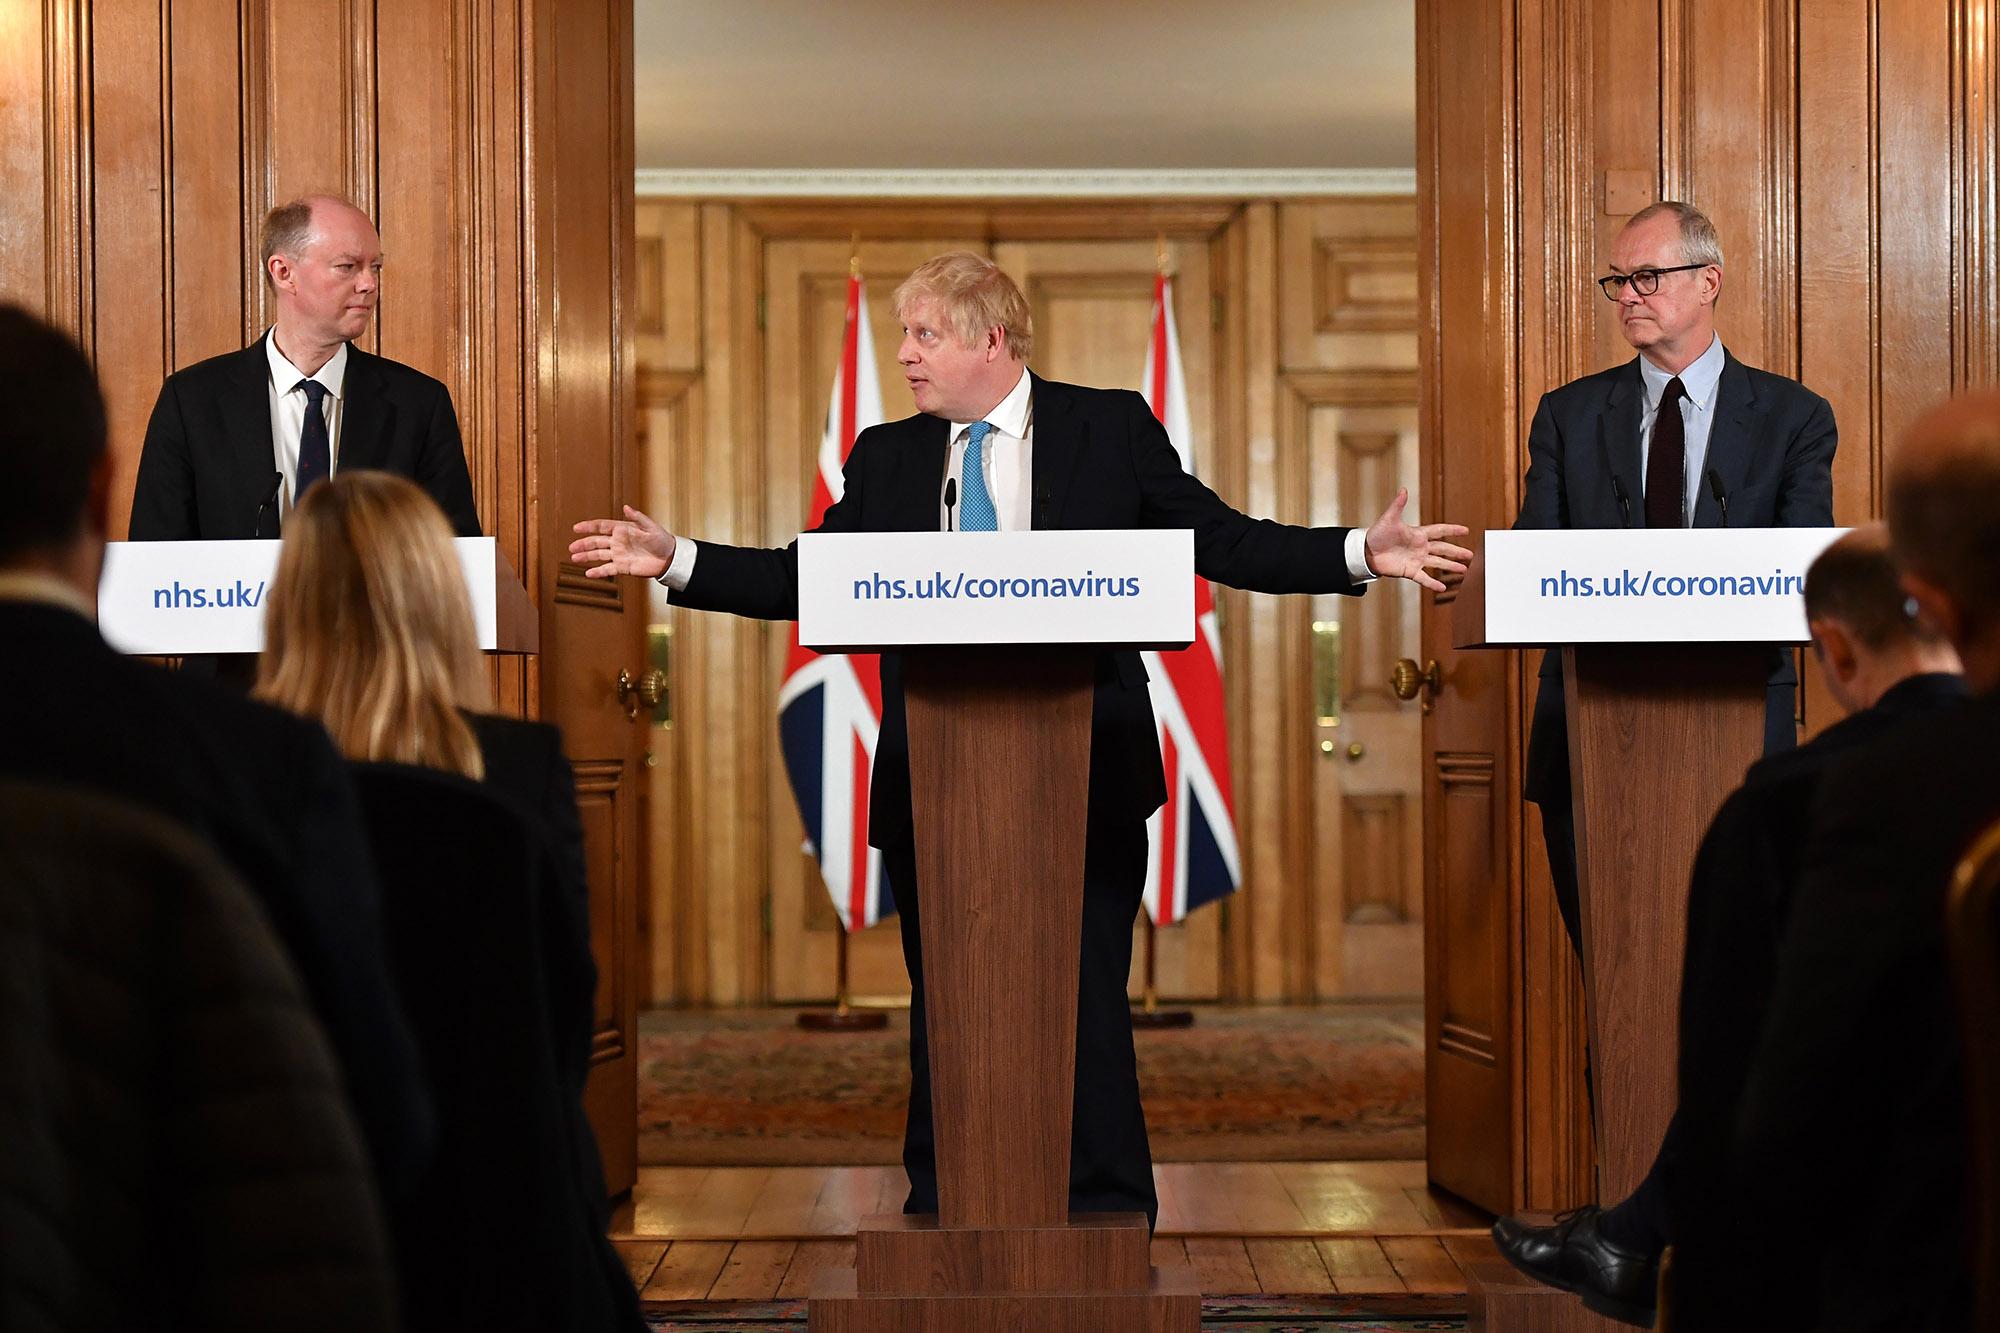 Premier Wielkiej Brytanii codziennie przekazuje narodowi przemówienie na temat koronawirusa